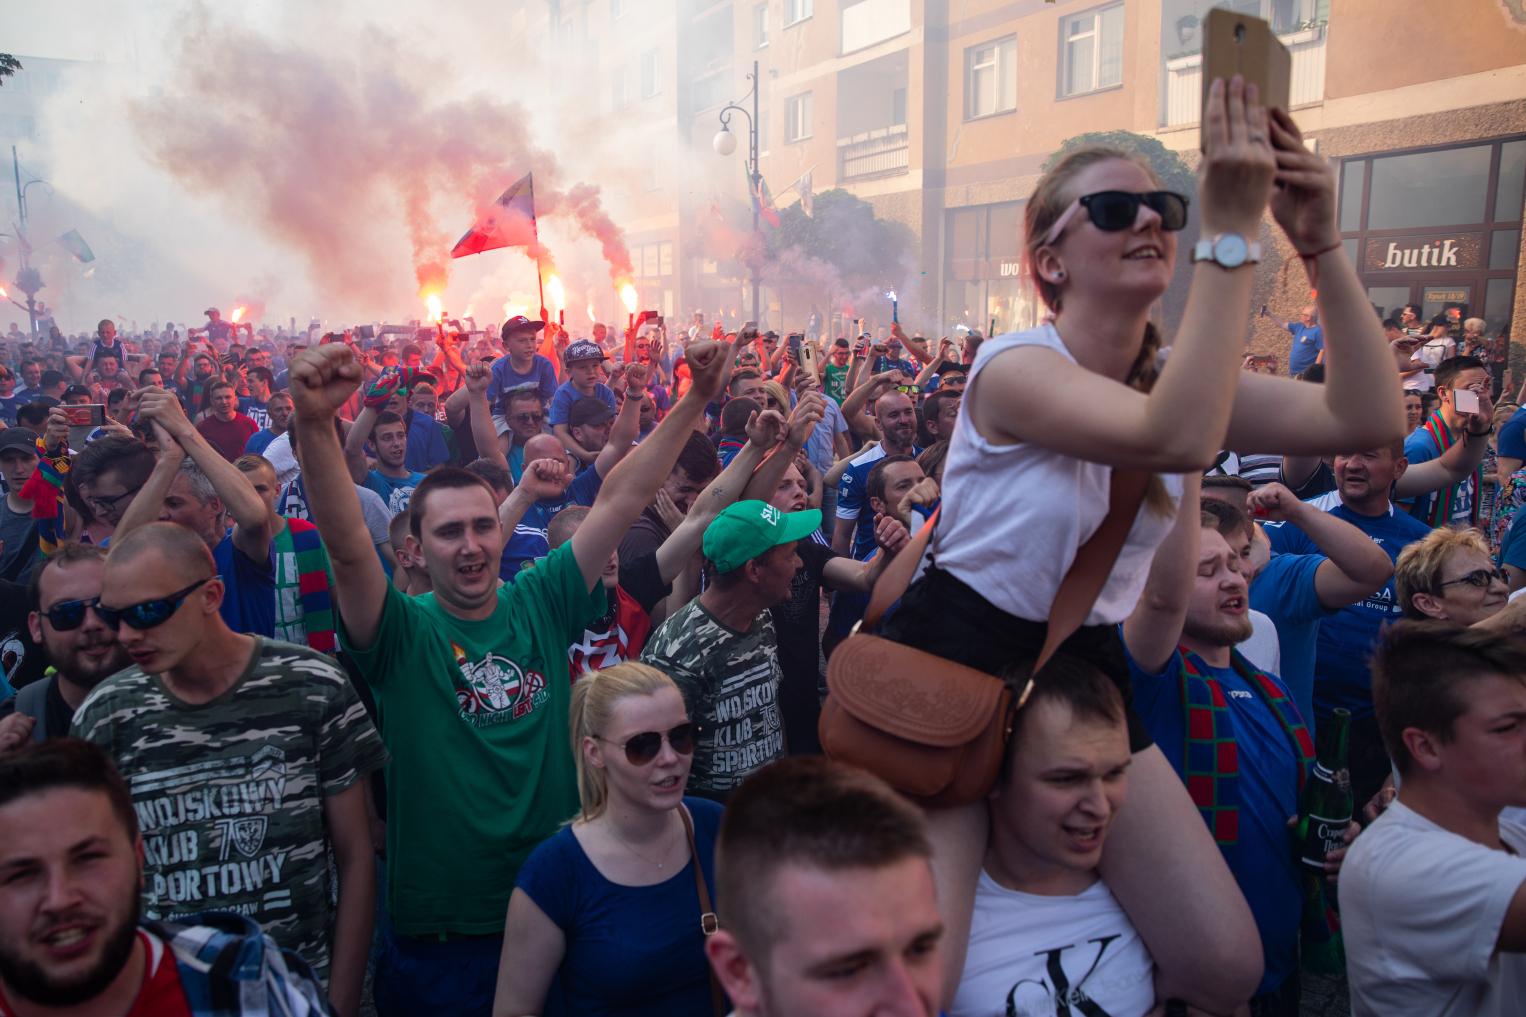 Tak Legnica świętowała awans. Przeżyjmy to jeszcze raz! (FOTO)